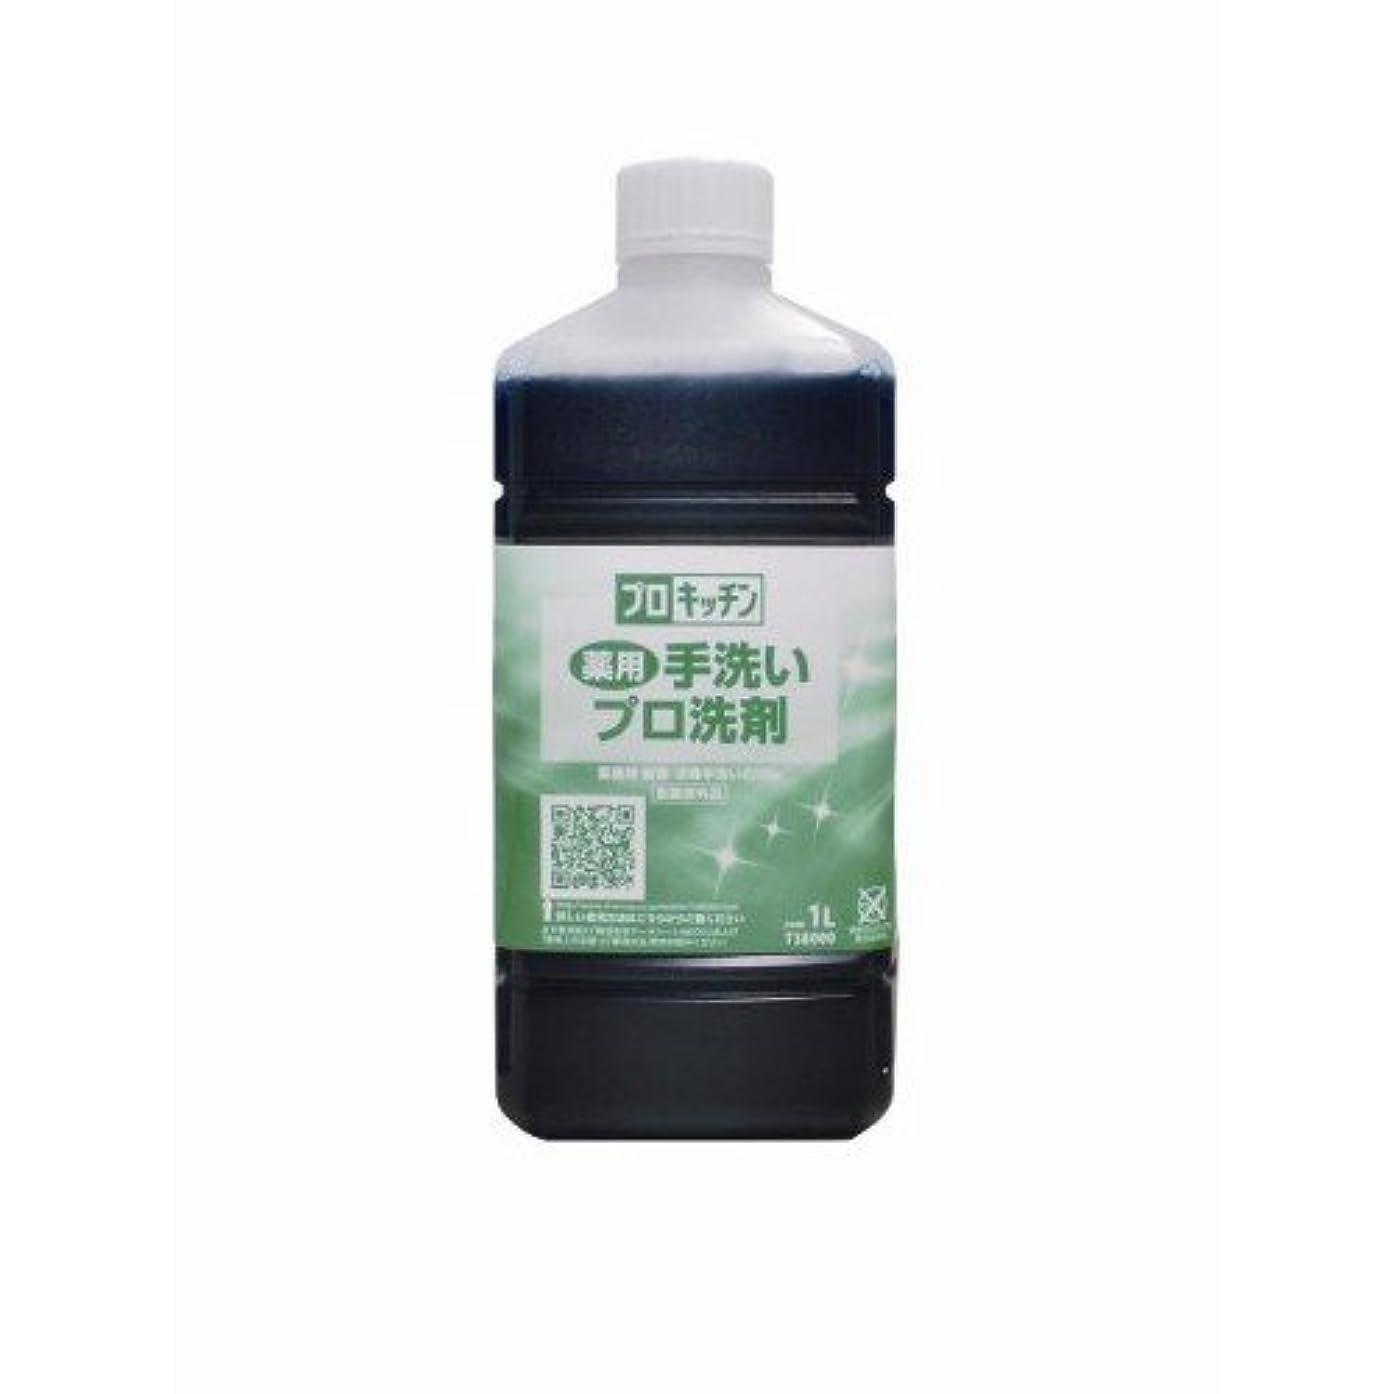 存在する平手打ち割合薬用手洗いプロ洗剤 1L